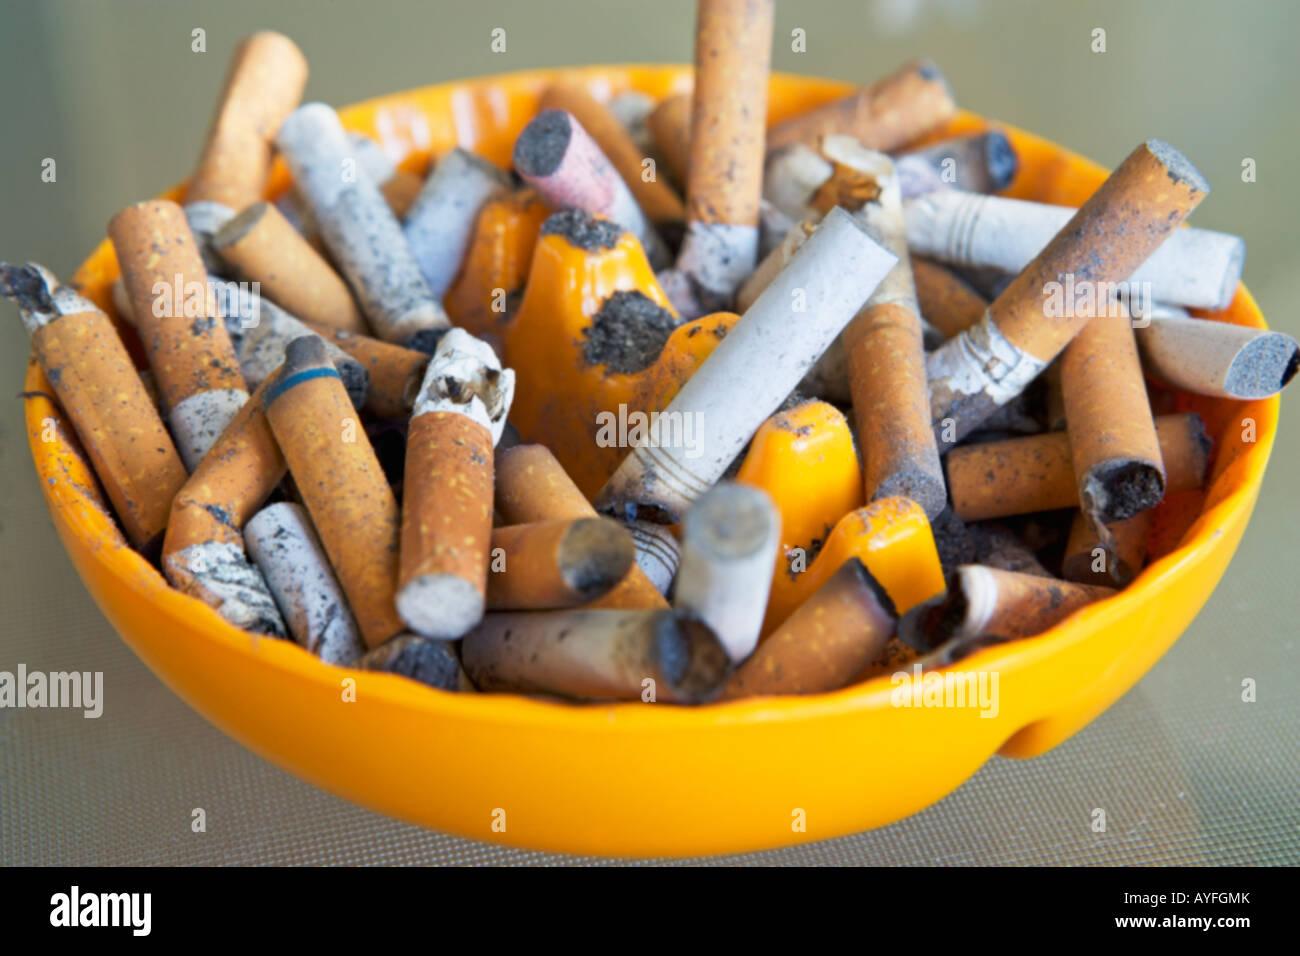 Aschenbecher voller viele Zigarettenkippen Stockbild